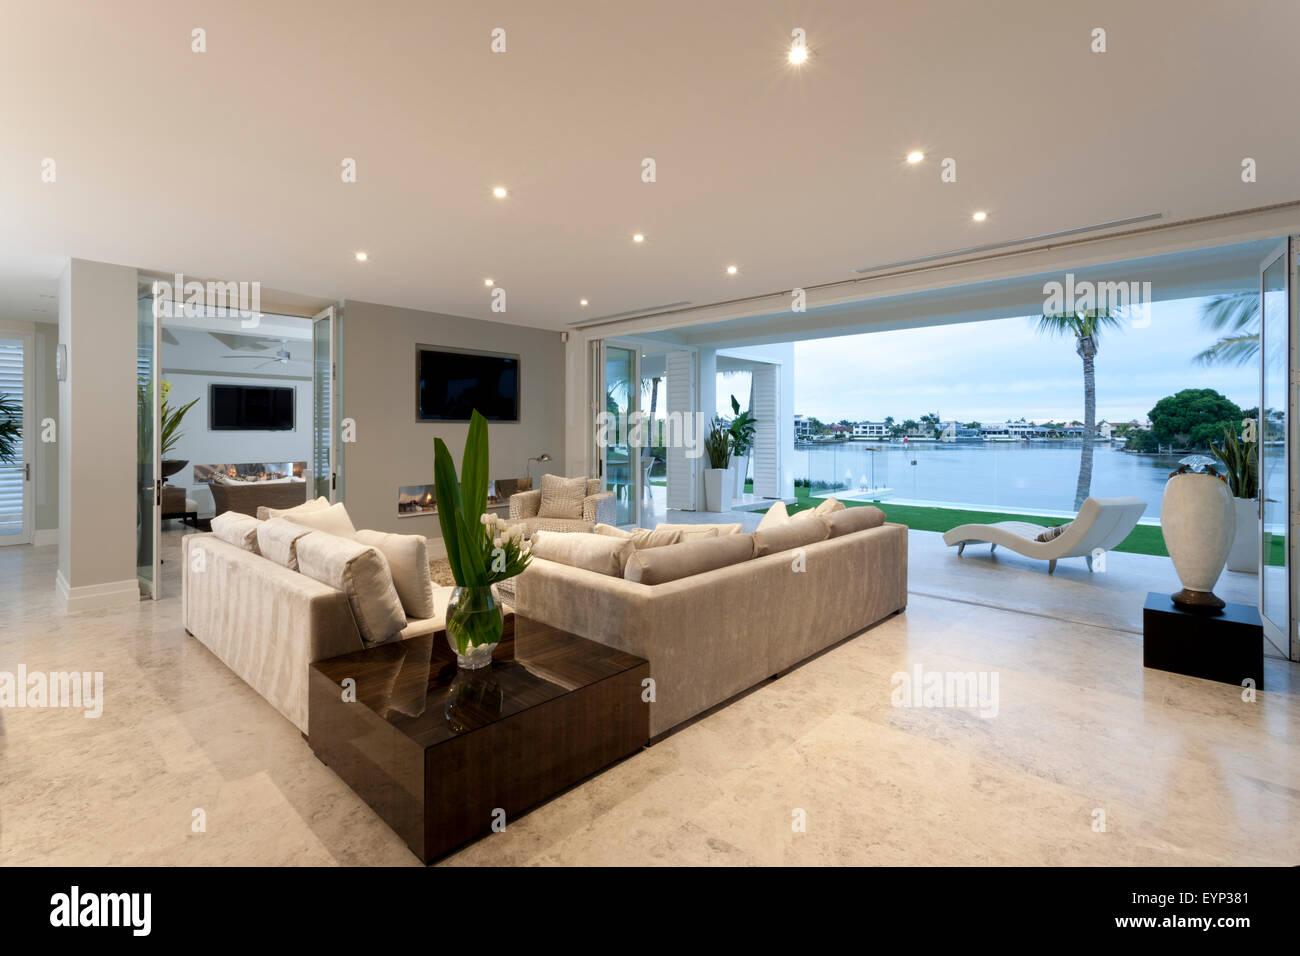 Schönes Wohnzimmer mit offenen Türen zu einem Hof, einen ...